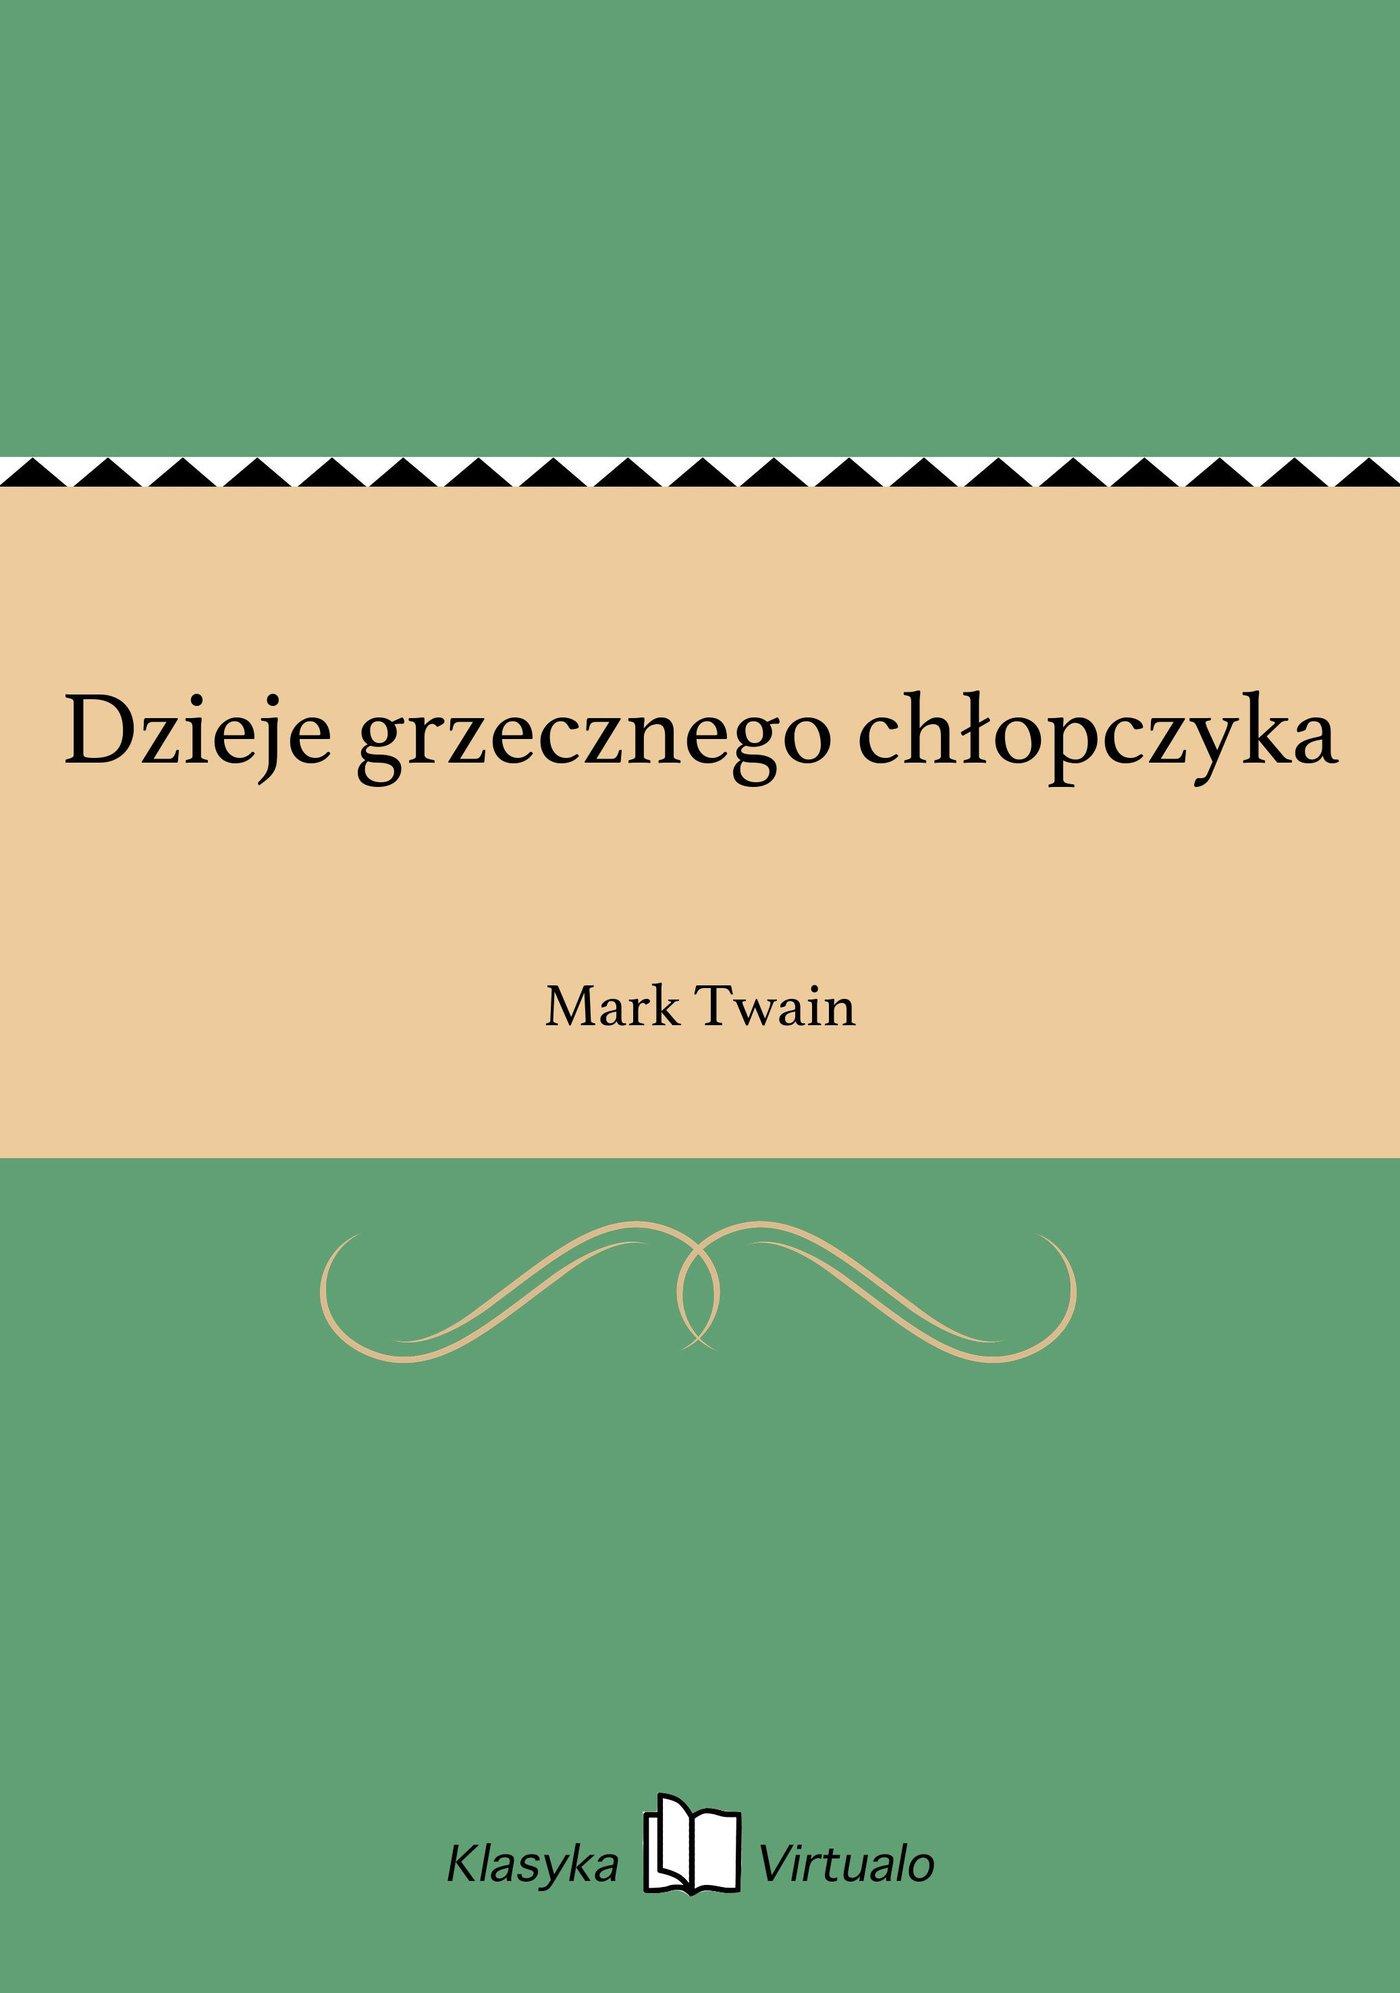 Dzieje grzecznego chłopczyka - Ebook (Książka na Kindle) do pobrania w formacie MOBI